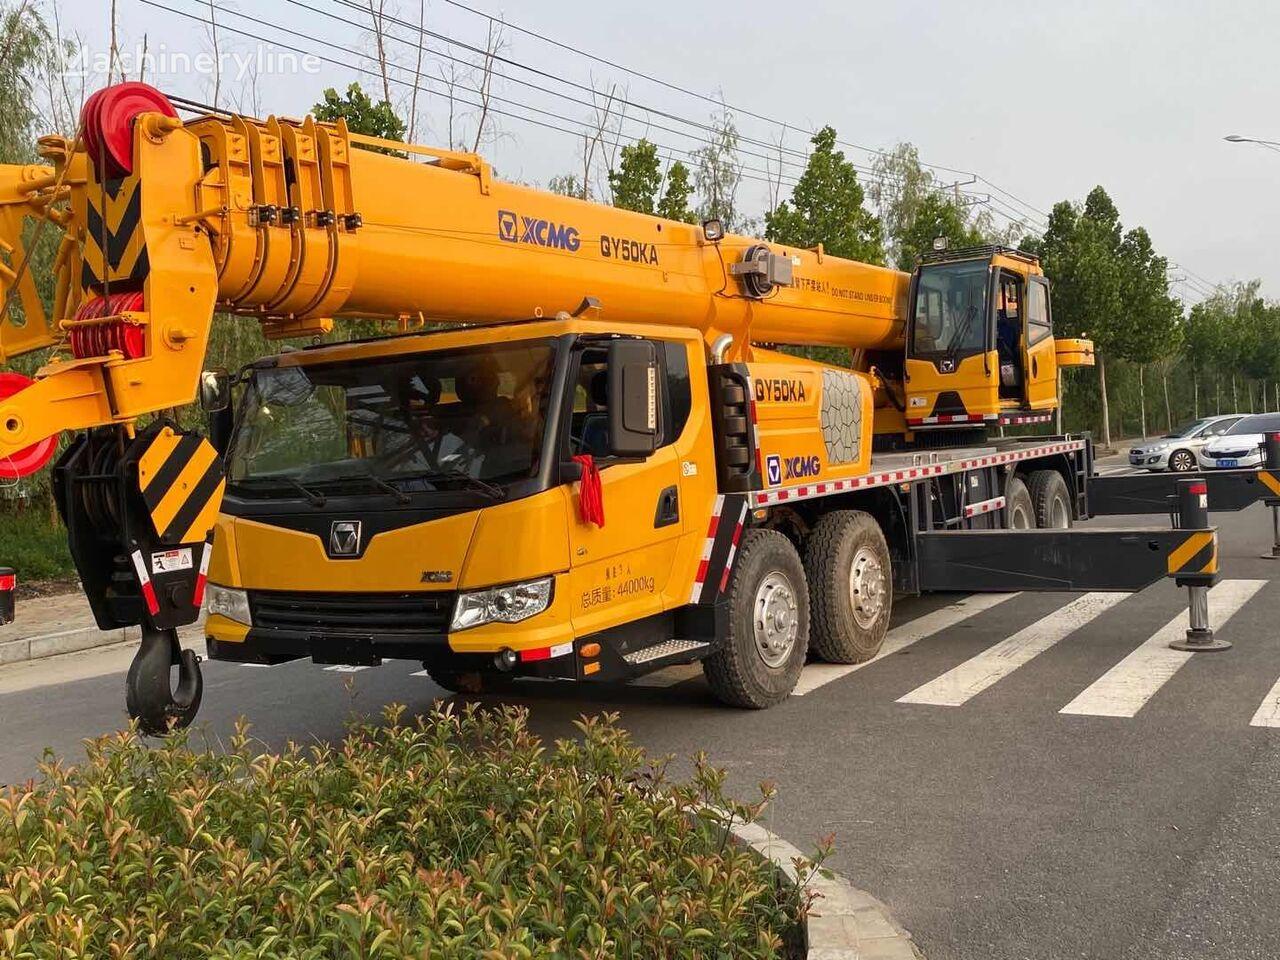 żuraw samojezdny XCMG QY50KA used crane